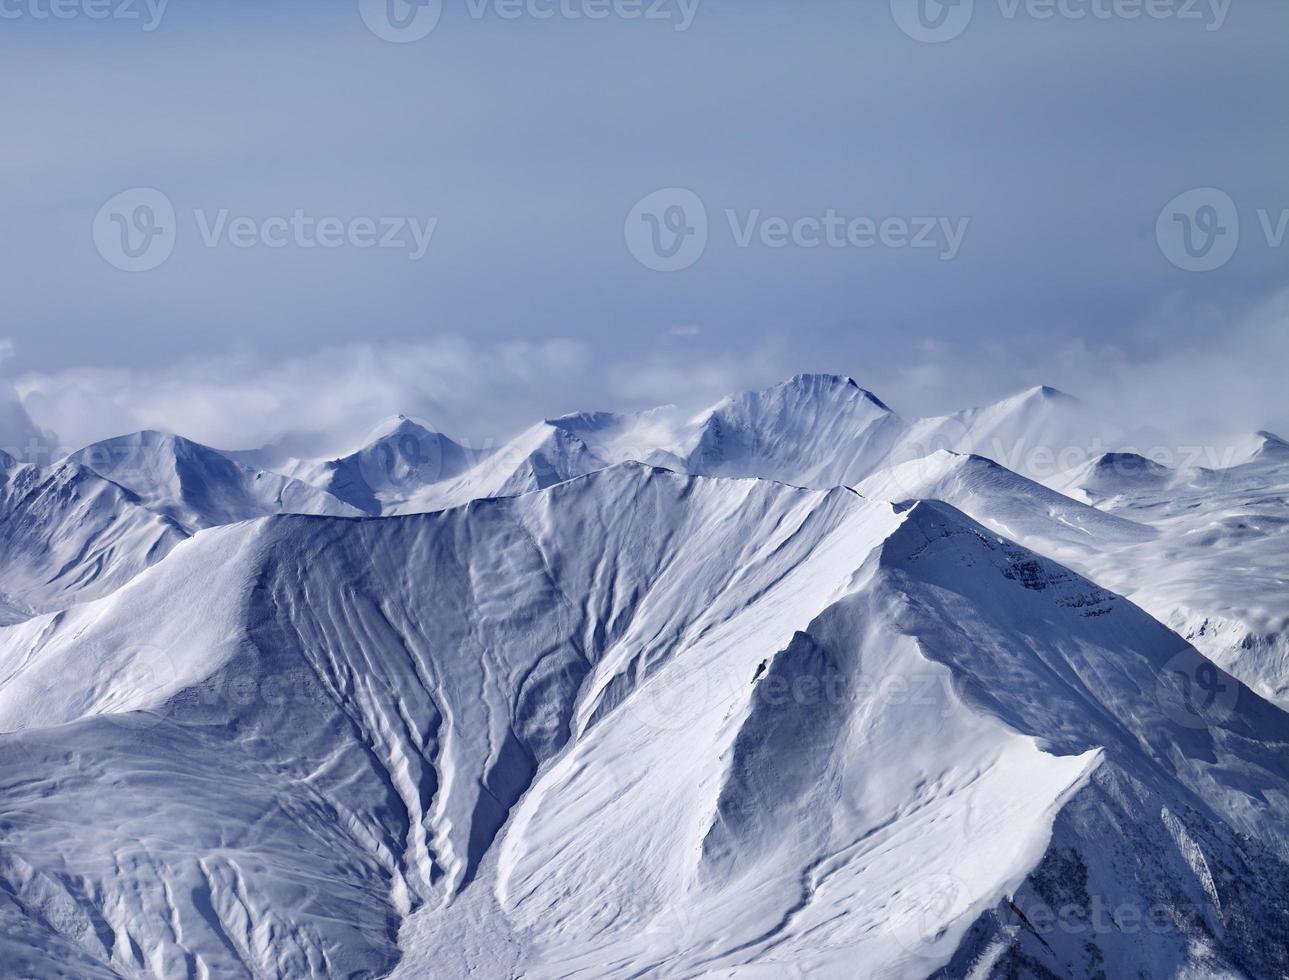 montagne innevate nella nebbia foto